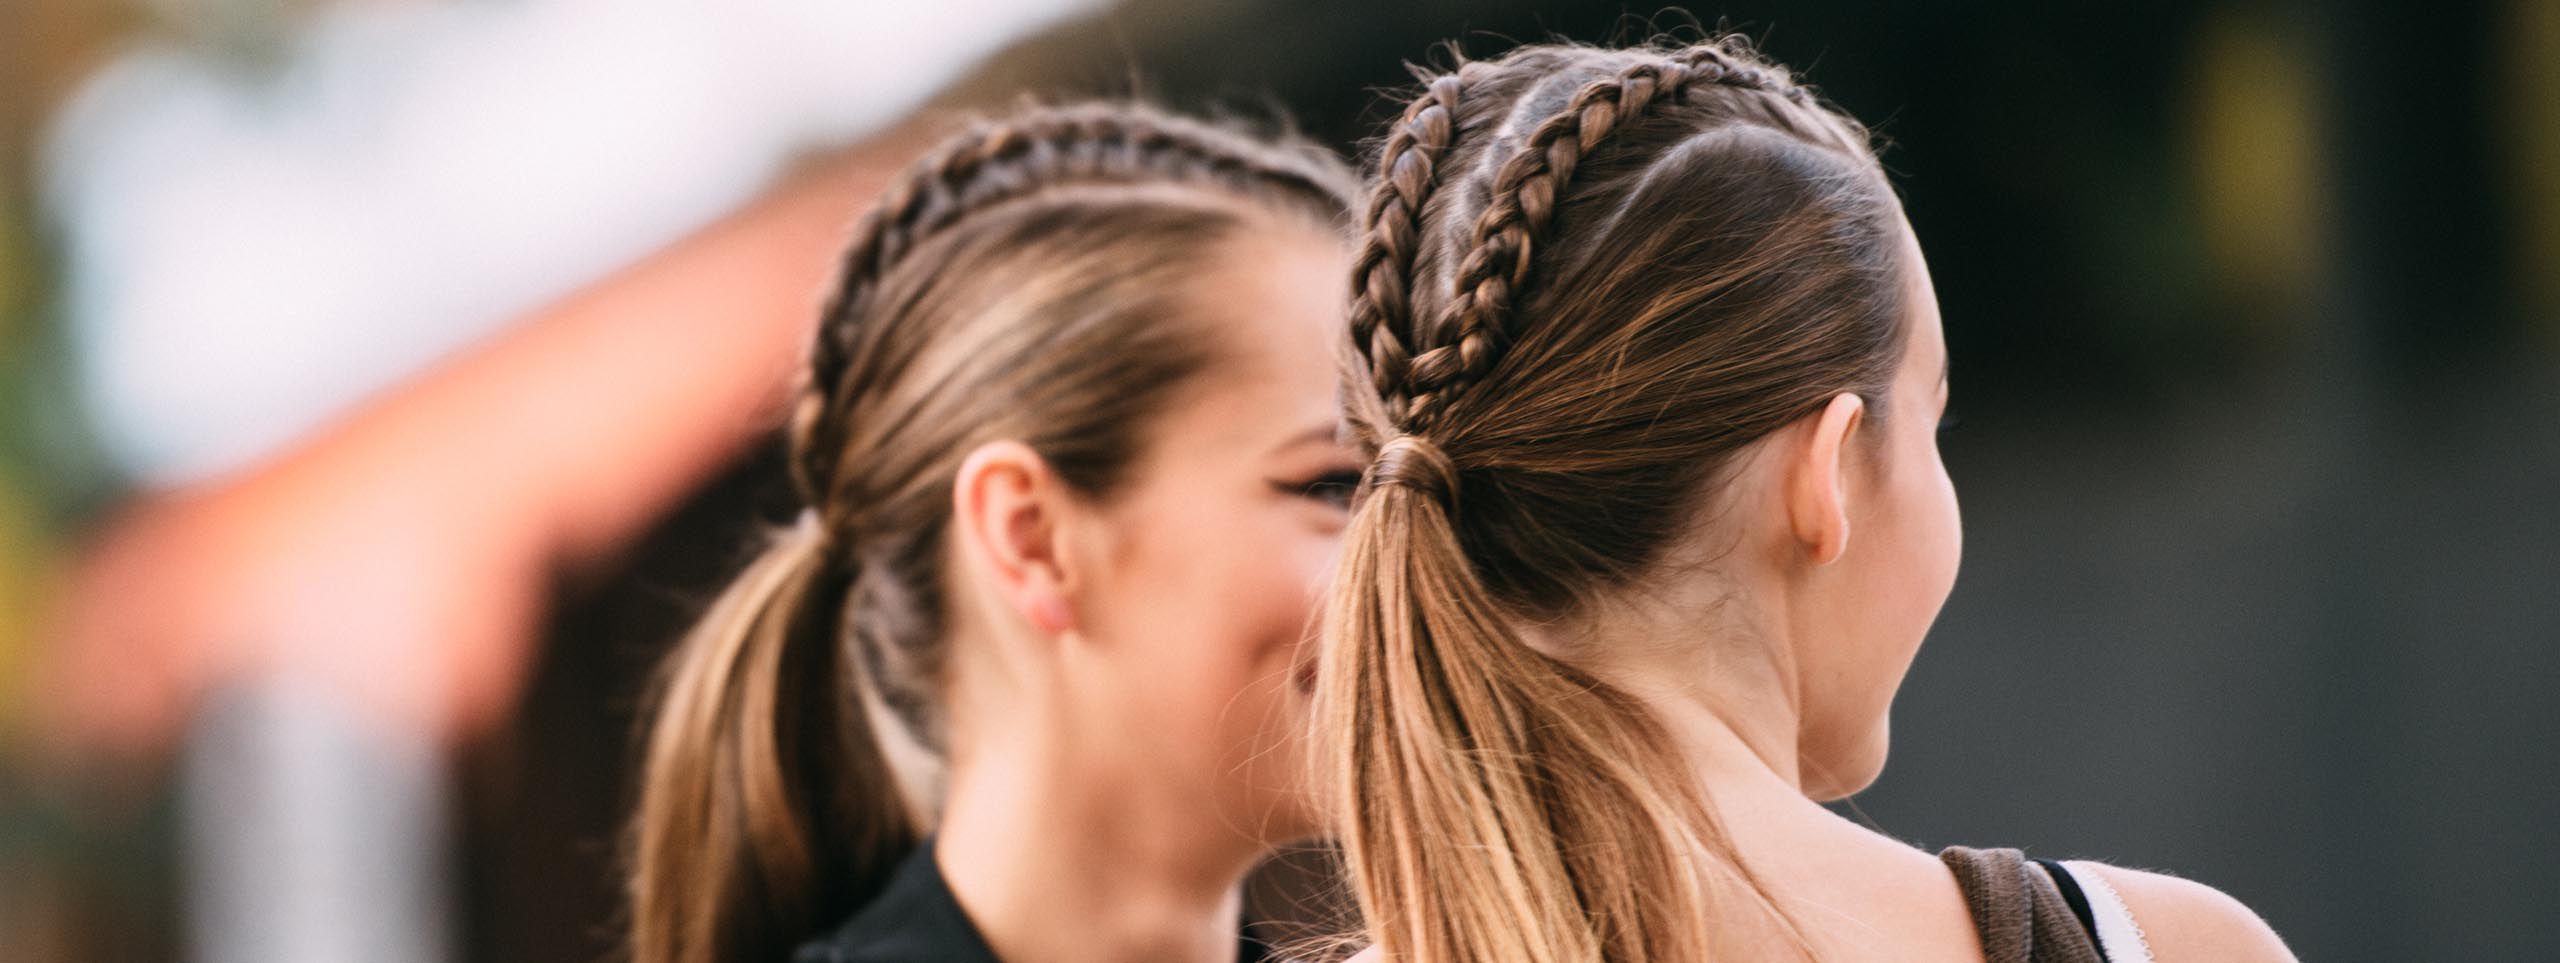 Ženska s spletenimi lasmi